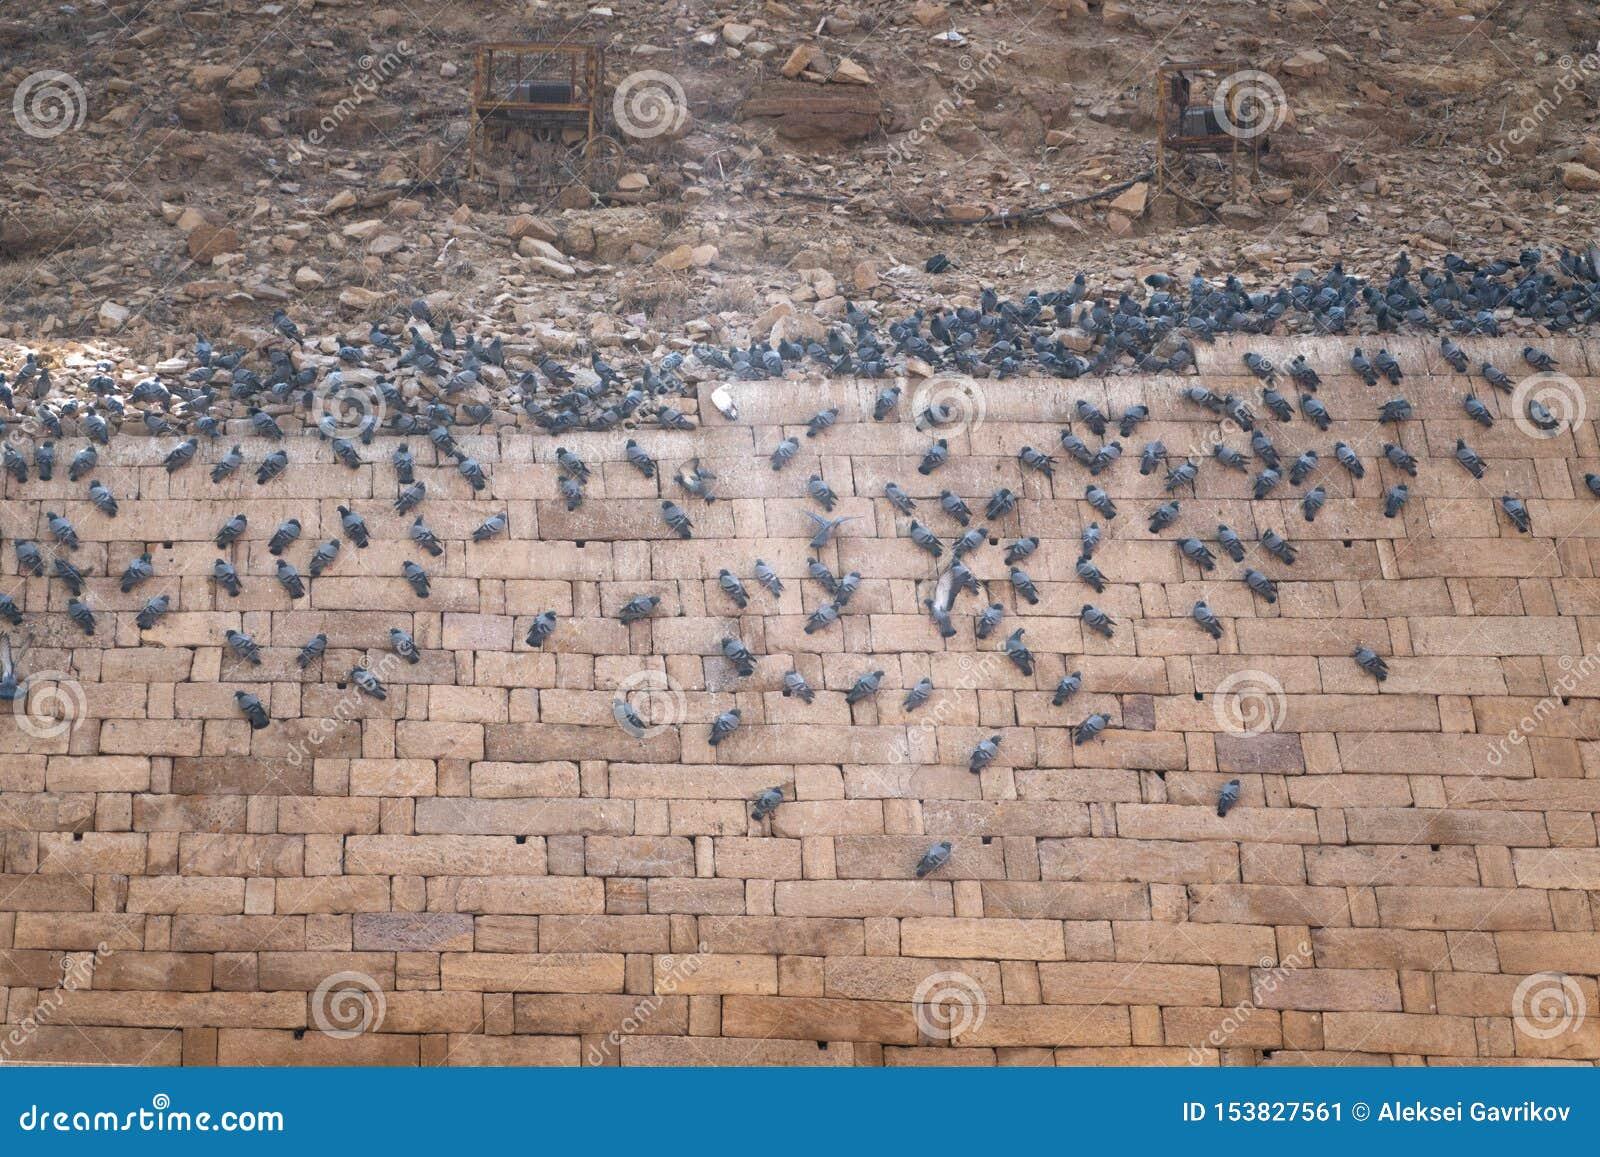 Vogels die op de fortmuur zitten